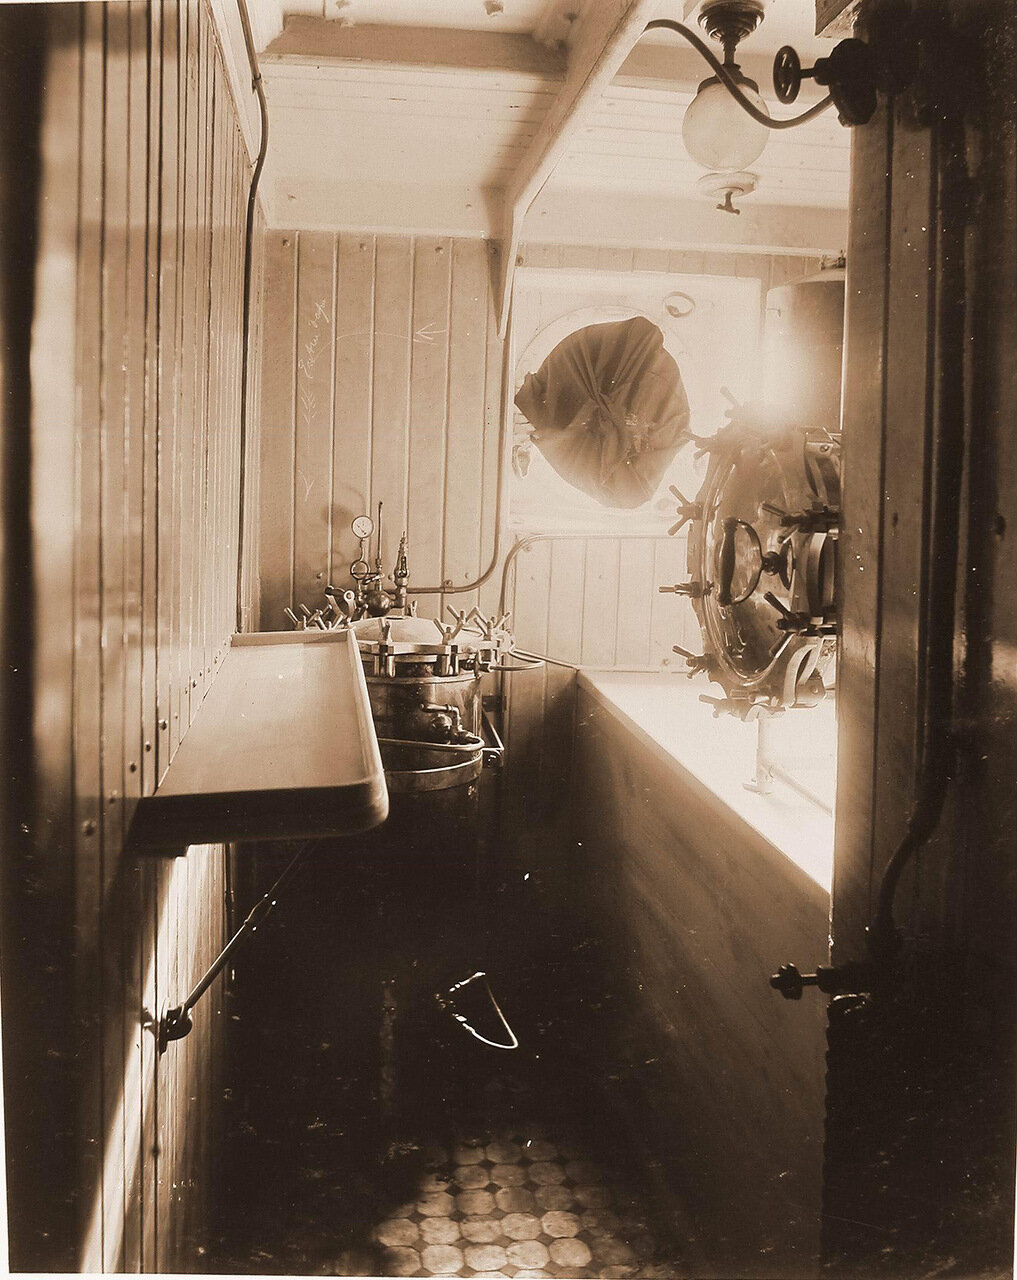 22. Вид одного из помещений плавучего госпиталя Орёл, в котором установлена стерилизационная камера